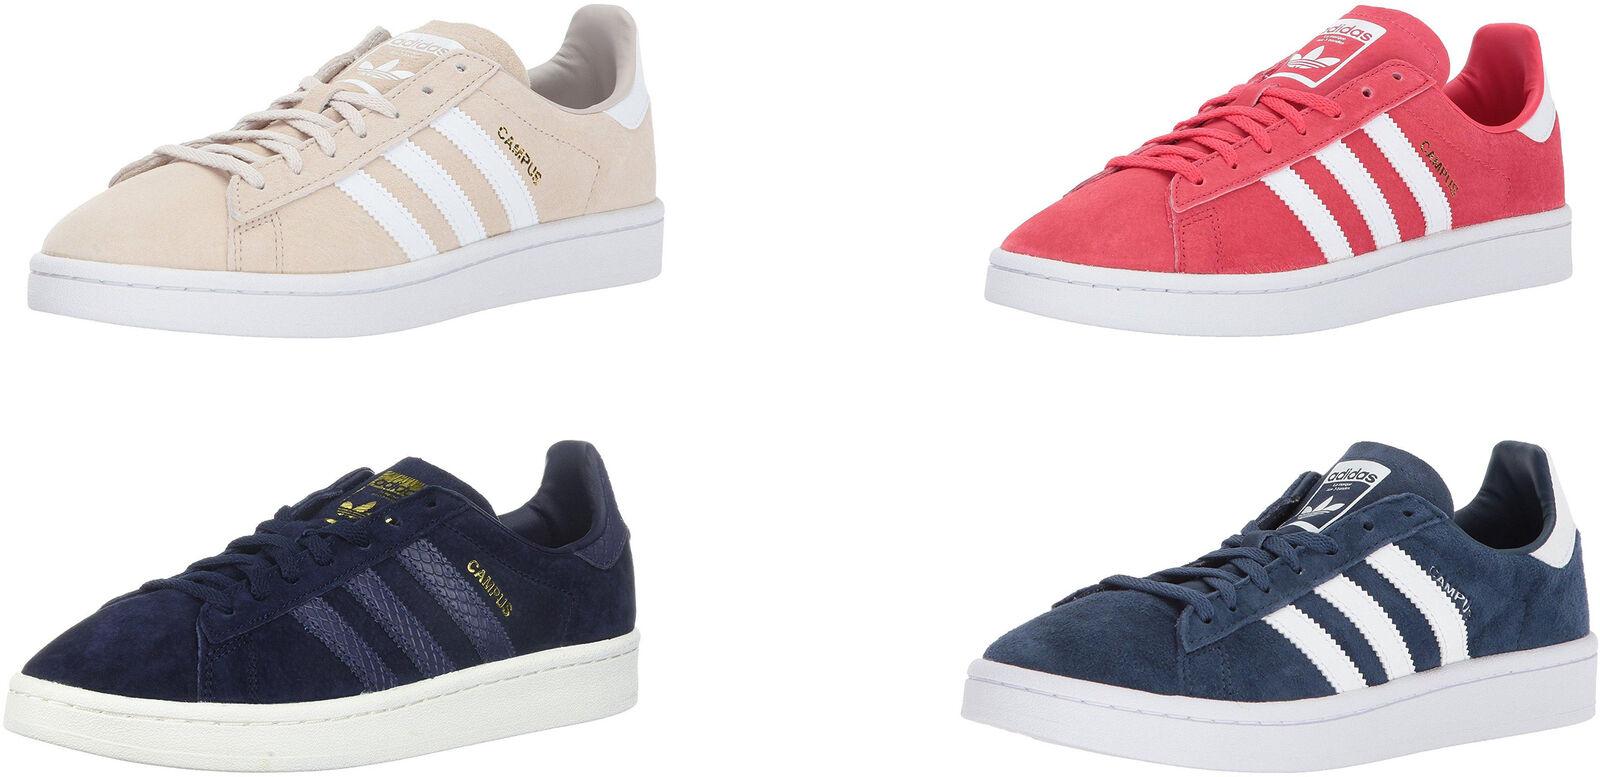 Sneakers4 ColorsEbay Campus Adidas Women's Originals gf6ymYI7vb